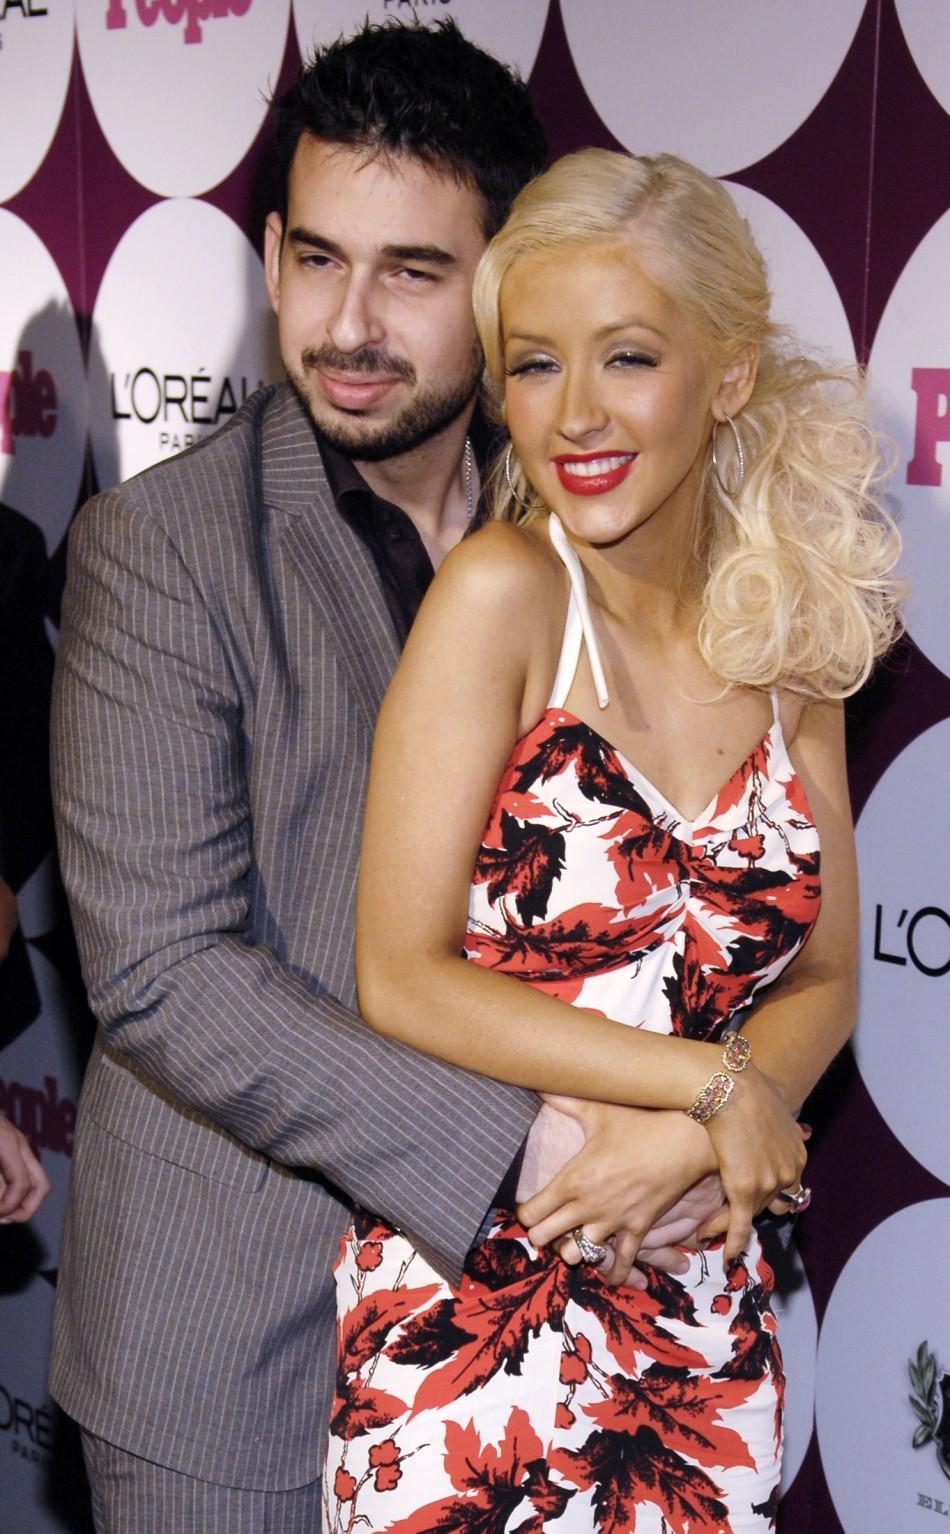 Singer Aguilera and Jordan Bratman